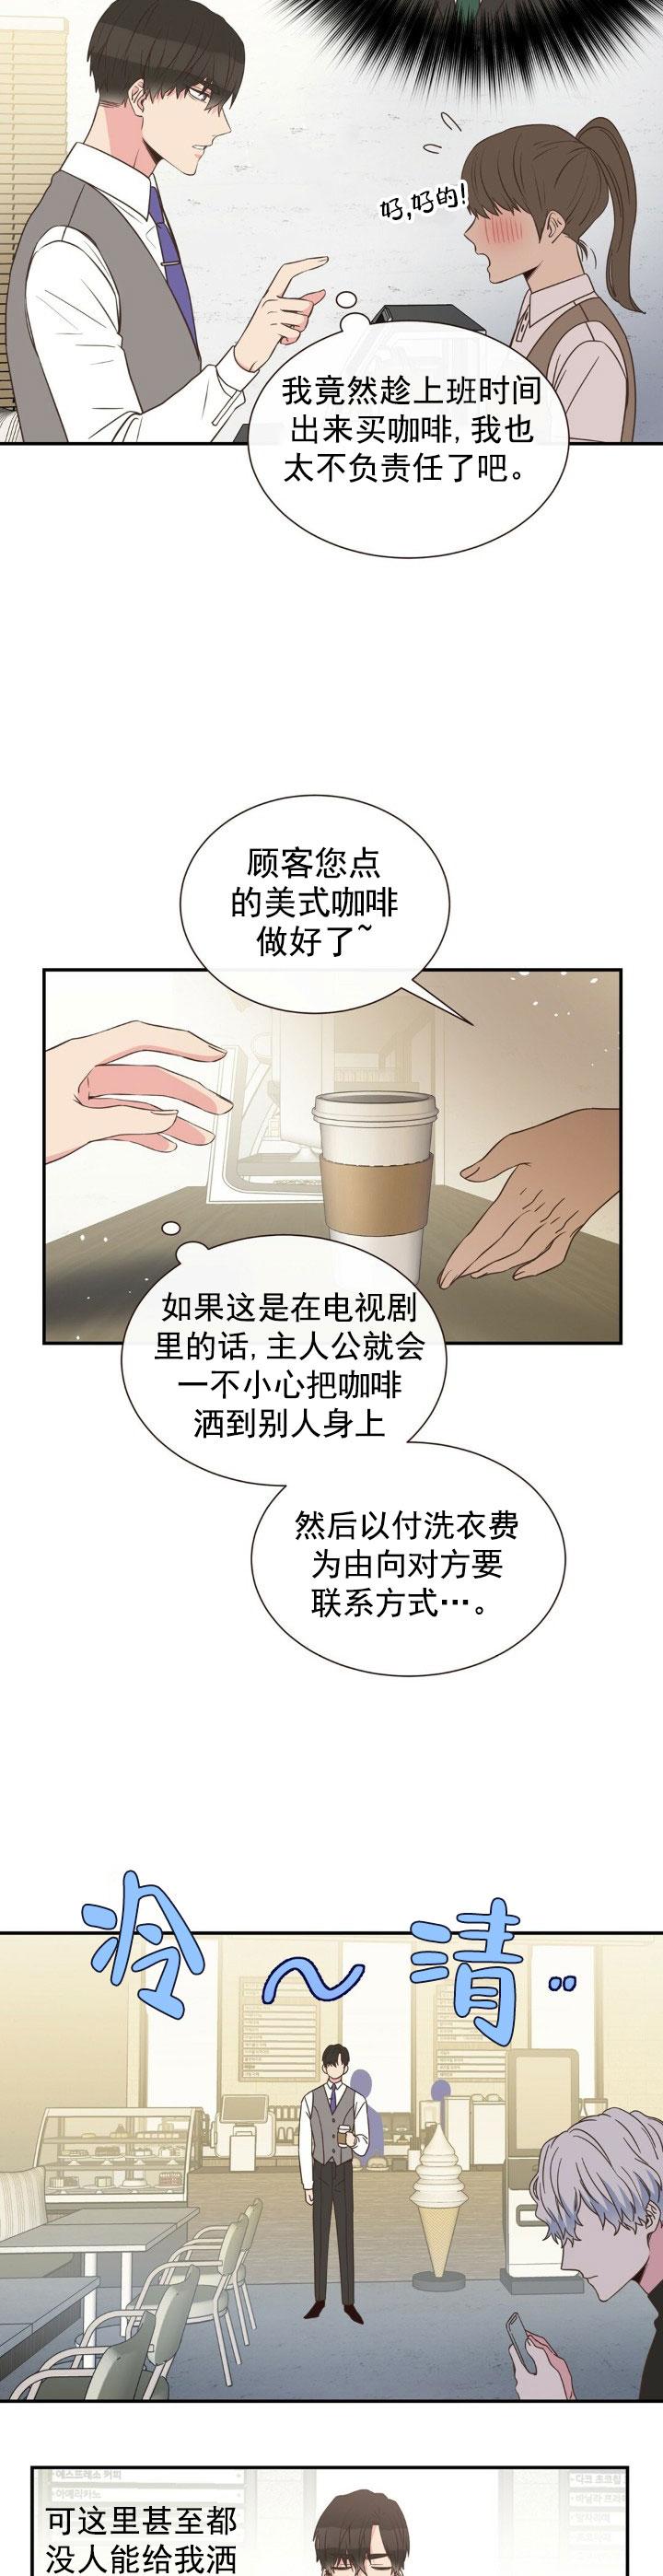 韩漫 |《脱单大作战》当恋爱小白遇上命中注定~甜心太可爱!  第14张